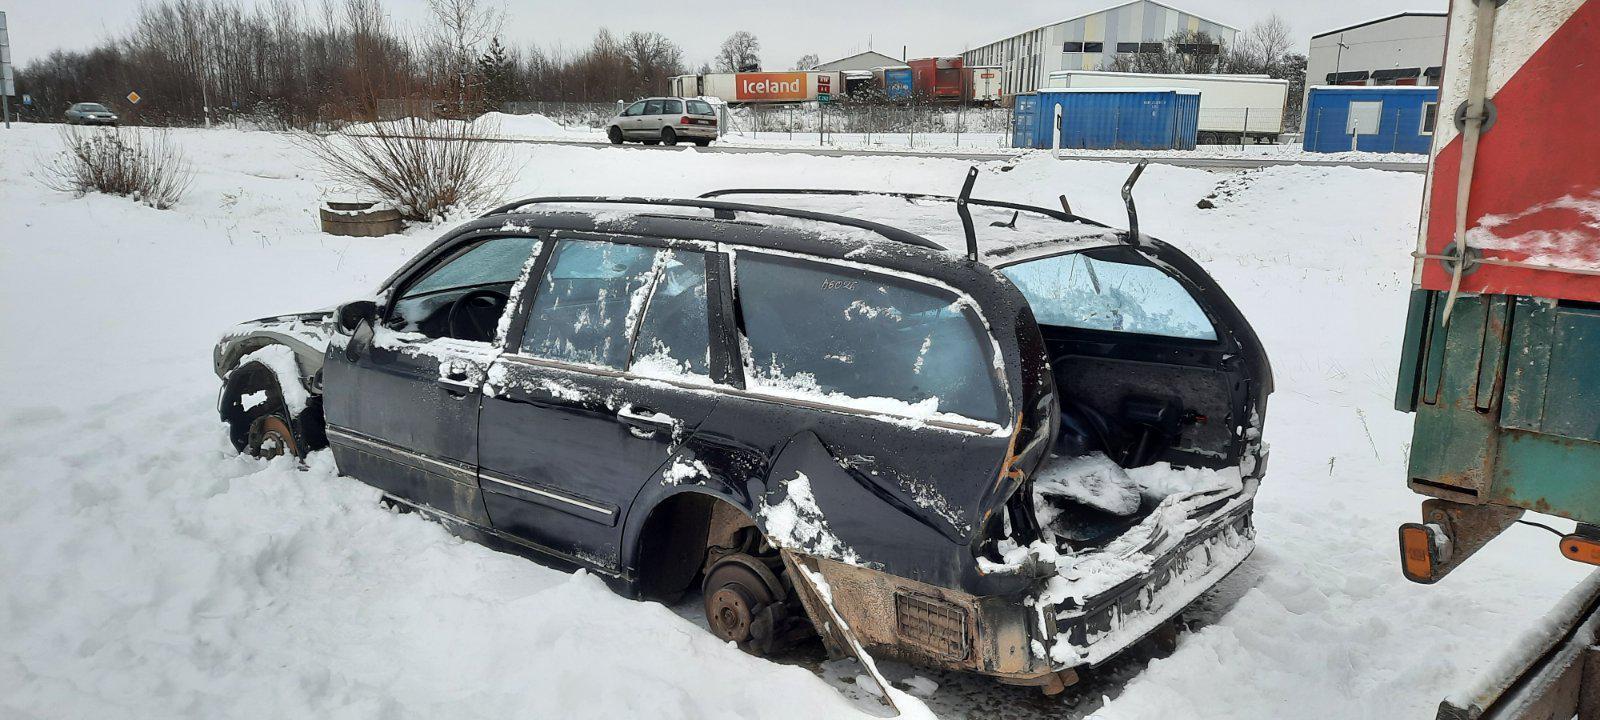 Подержанные Автозапчасти Mercedes-Benz E-CLASS 2000 0.0 машиностроение универсал 4/5 d. черный 2021-1-12